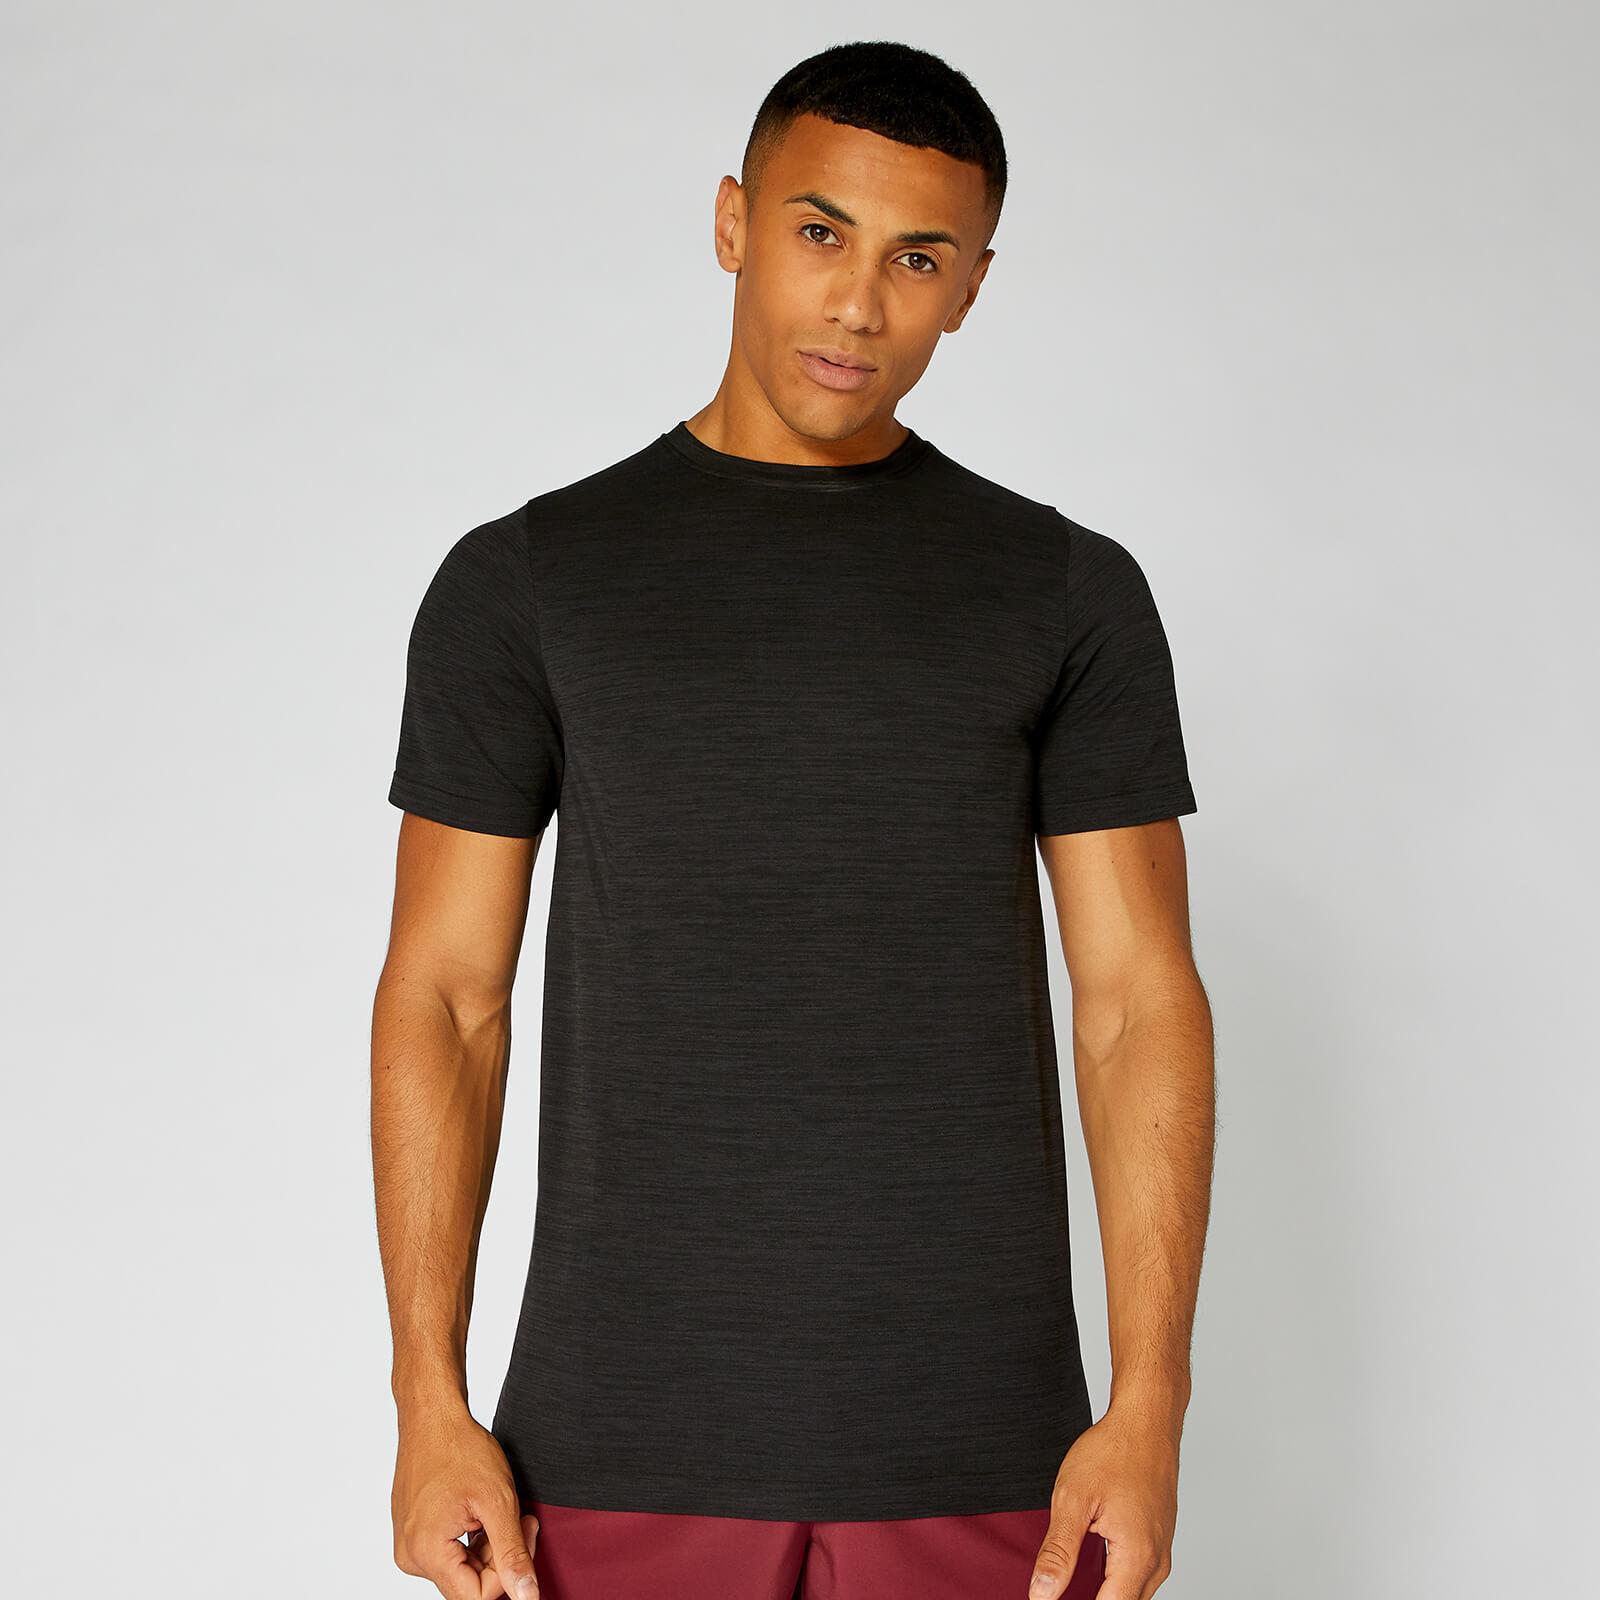 Myprotein Lightweight Seamless T-Shirt - Black Marl - S